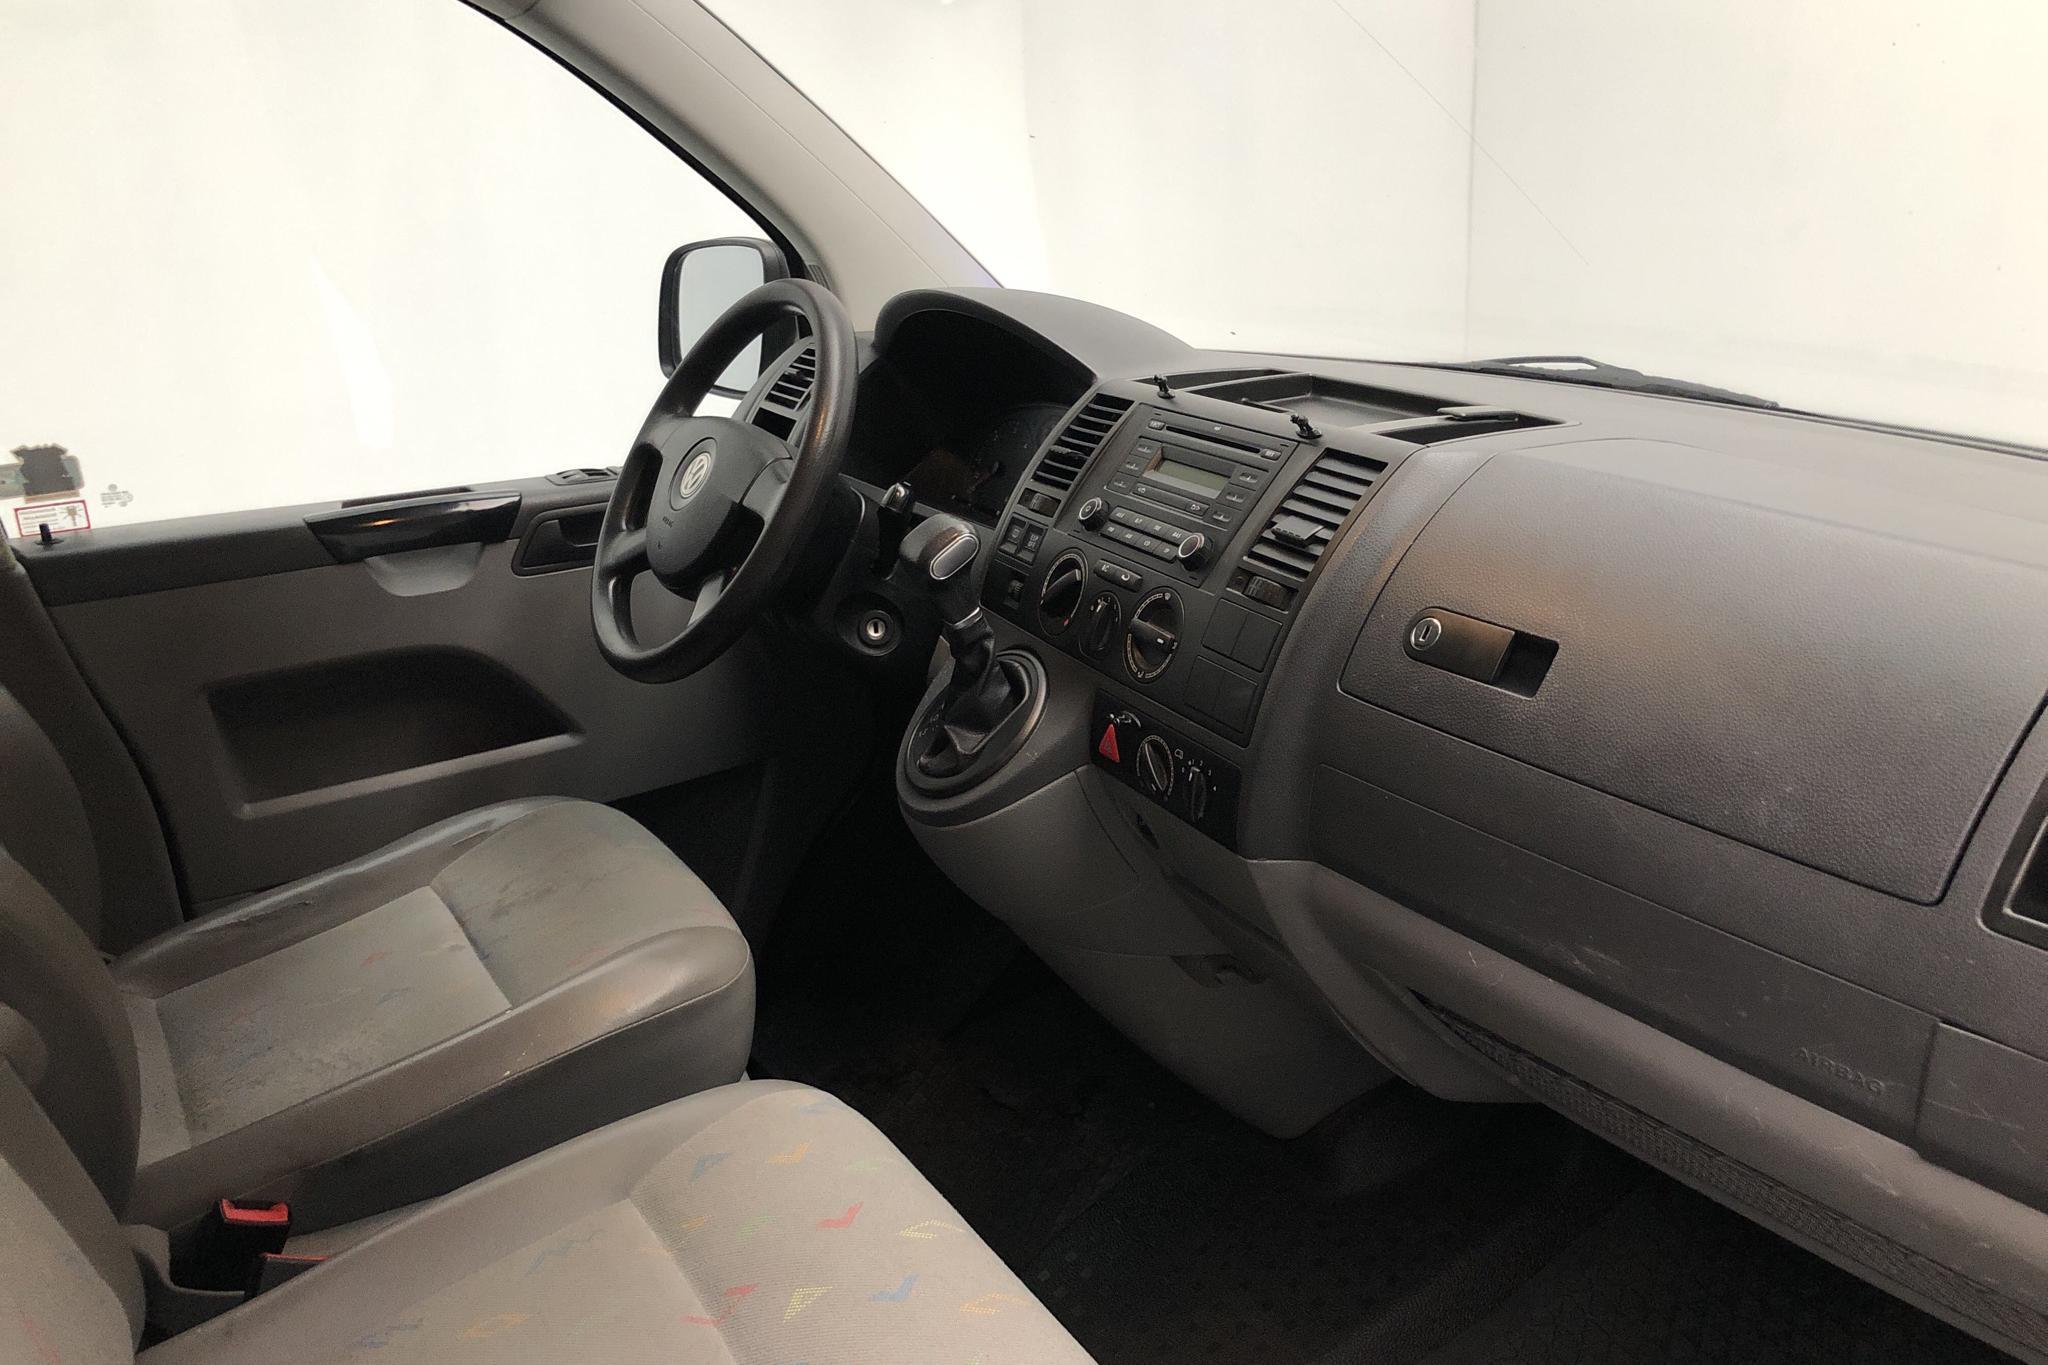 VW Transporter T5 2.5 TDI (130hk) - 15 667 mil - Automat - vit - 2008